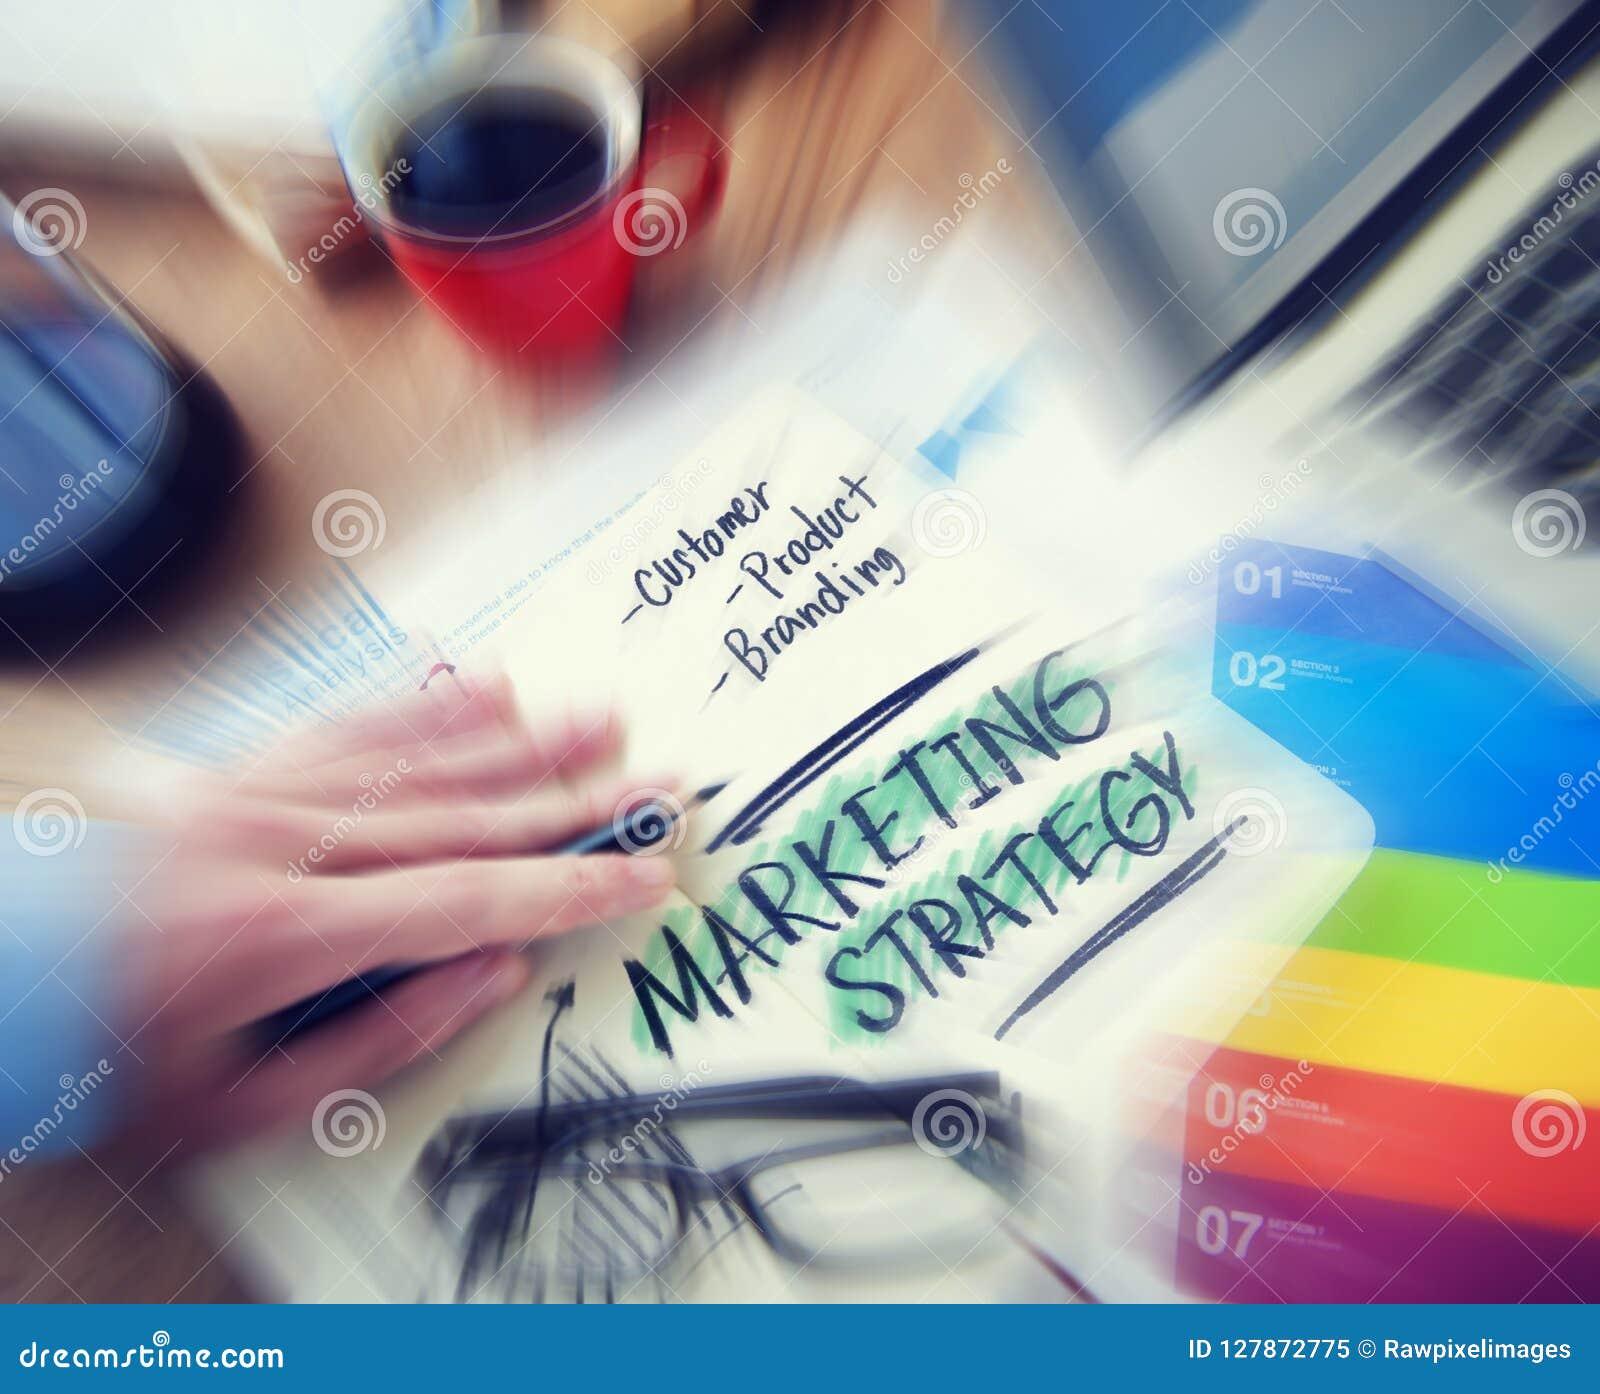 Conceito da marcagem com ferro quente de produto do cliente da estratégia de marketing